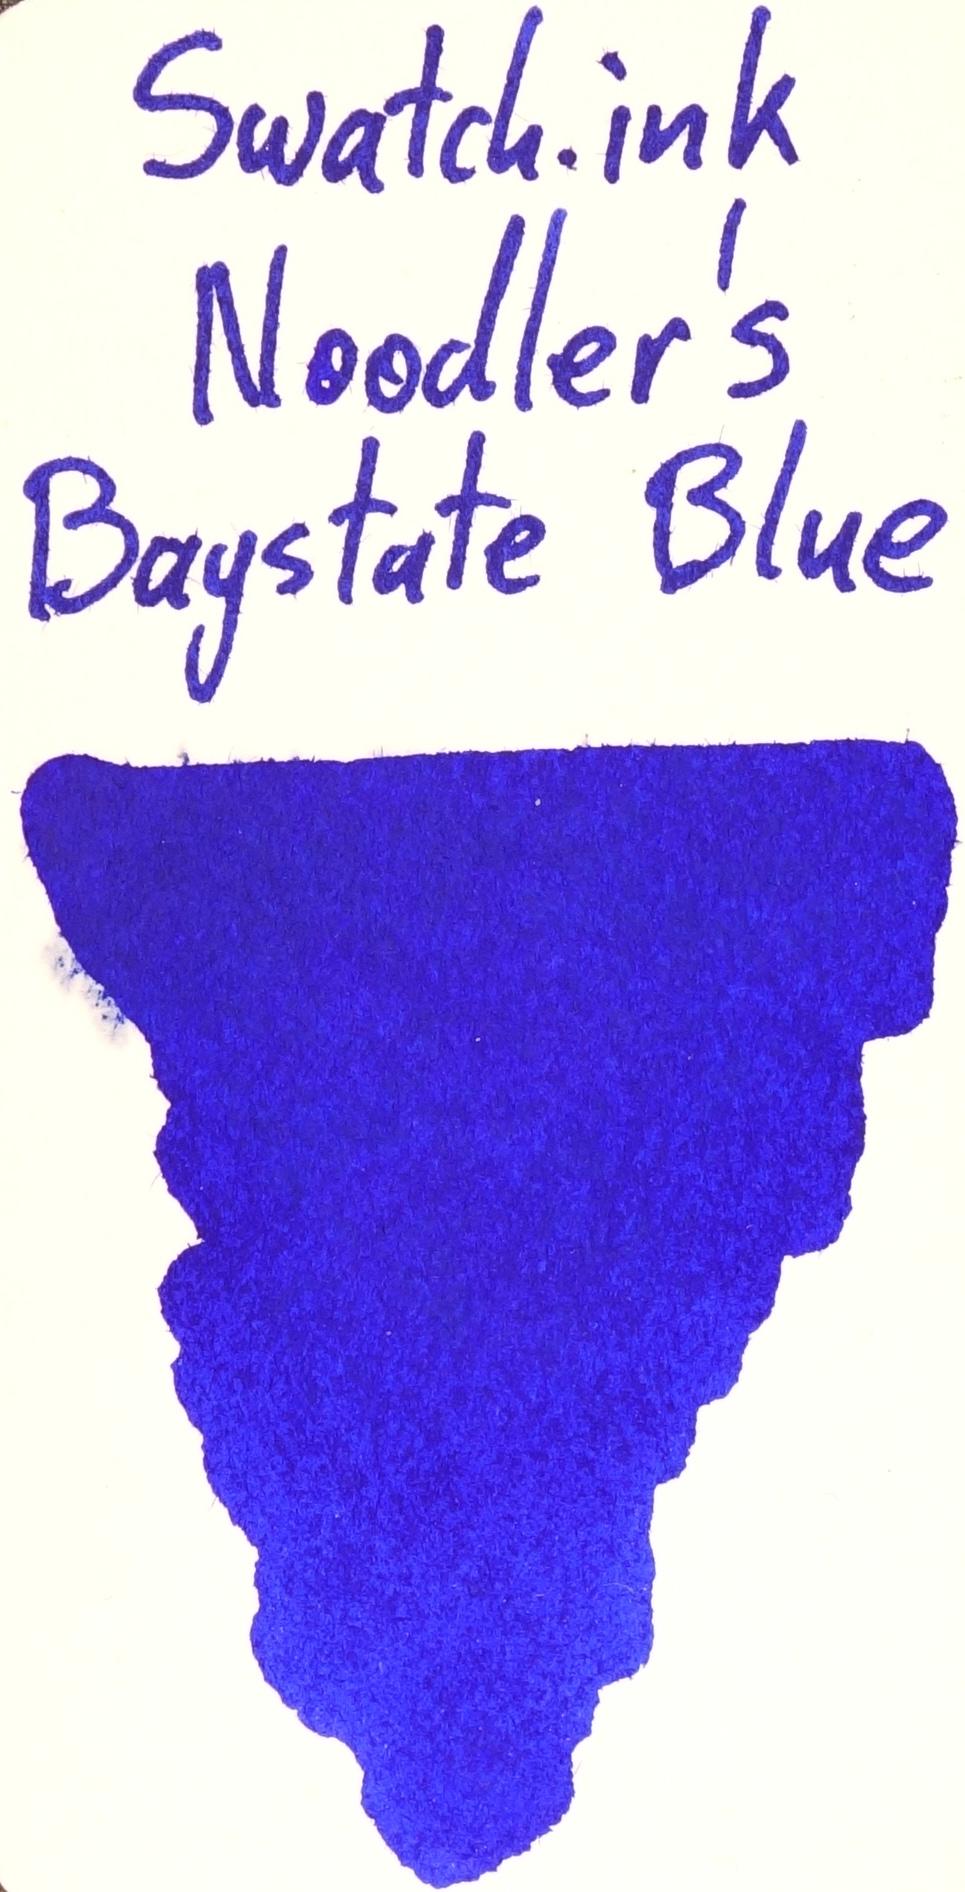 Noodler's Baystate Blue Swatch.ink.JPG